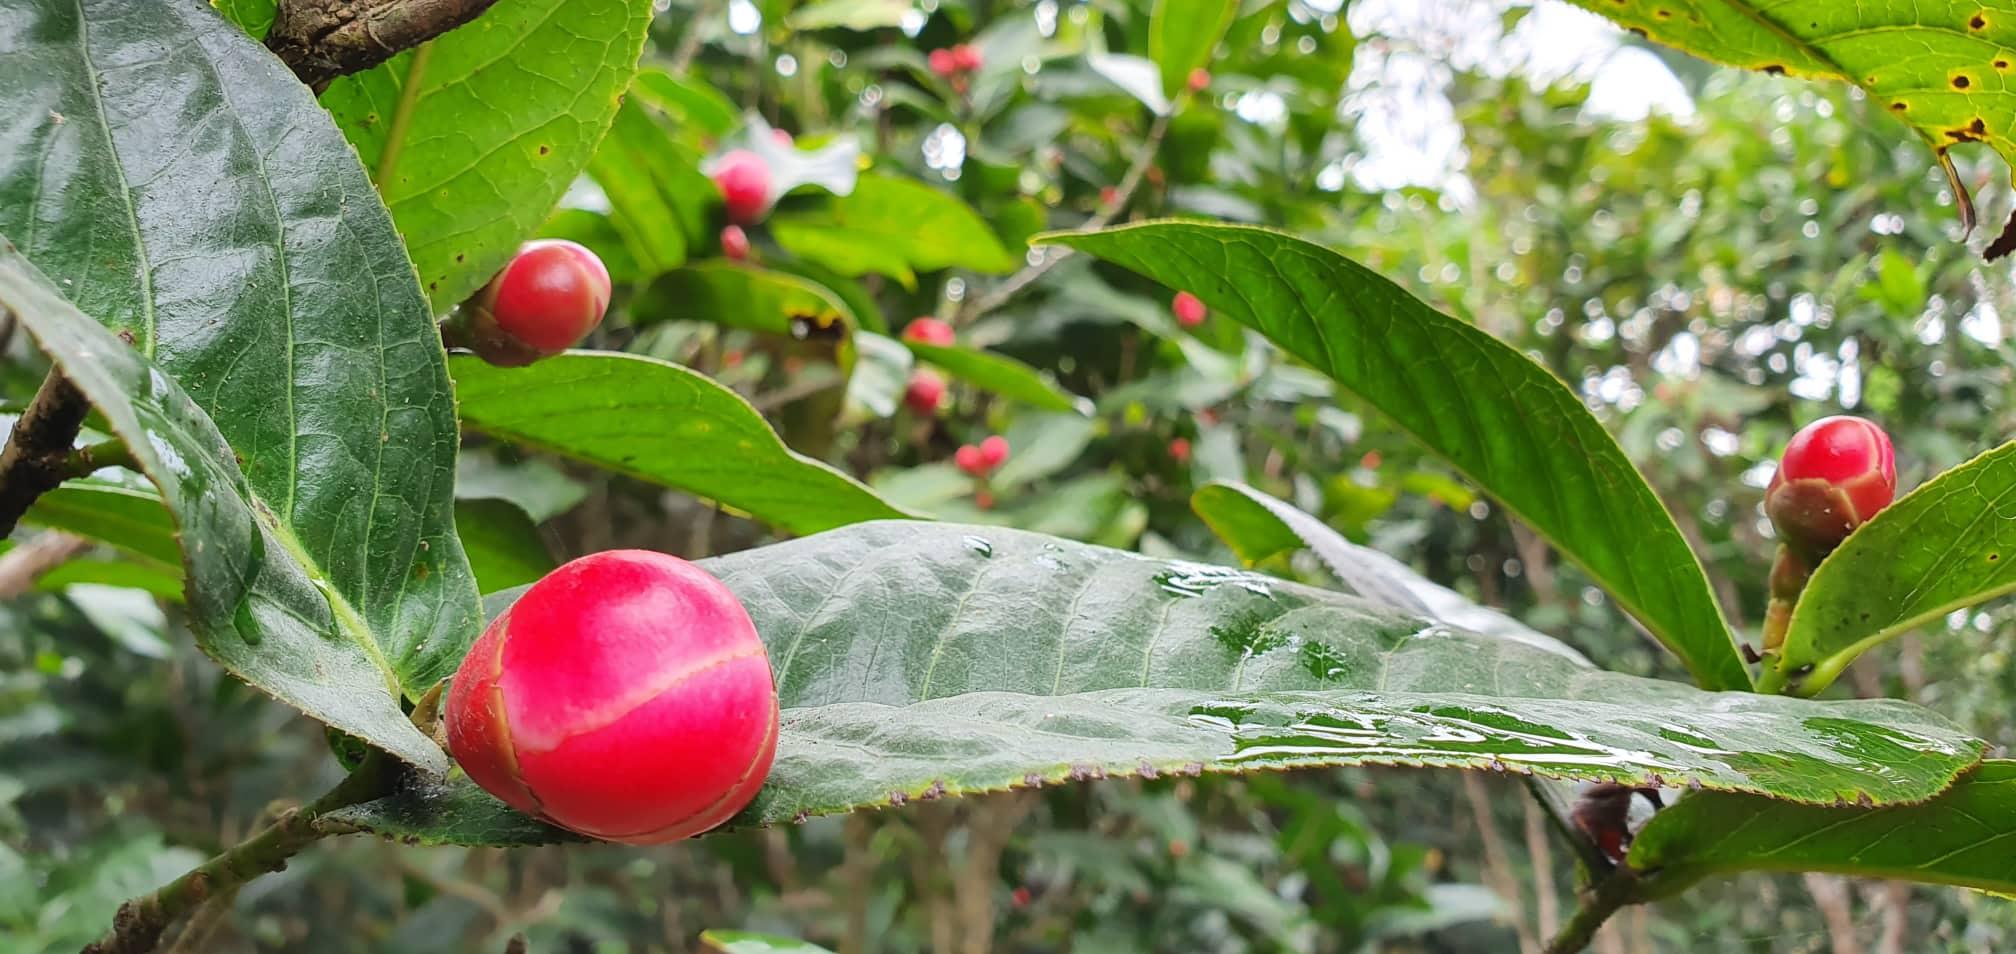 Về làng hoa Đồng Dụ ngắm cây hải đường cổ thụ hơn trăm tuổi - 5